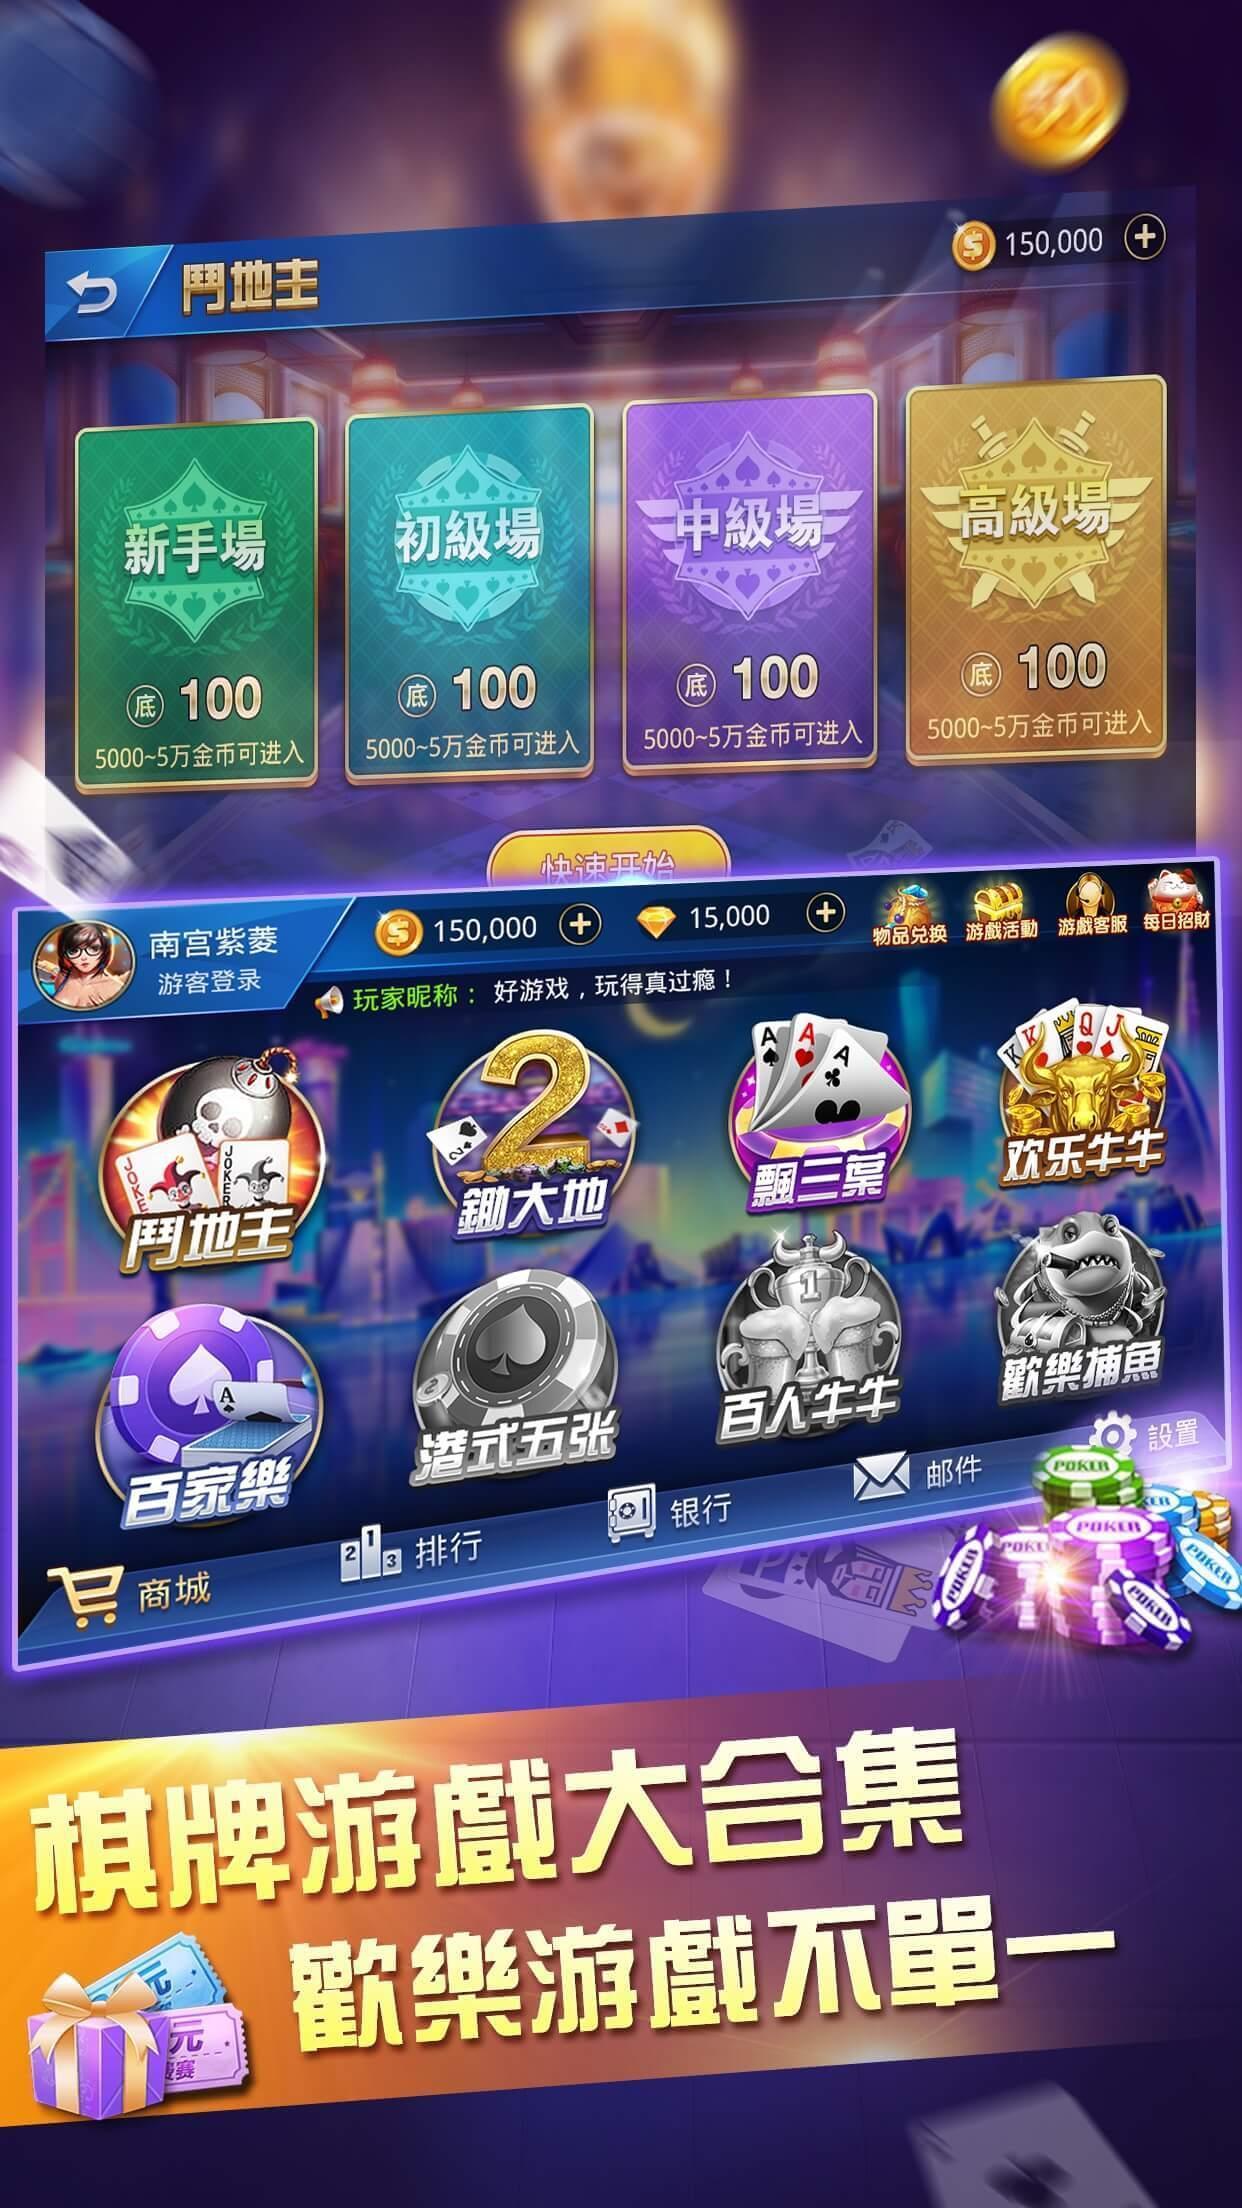 鋤大地、鬥地主合集-快逗遊戲 3.0.0 Screenshot 1